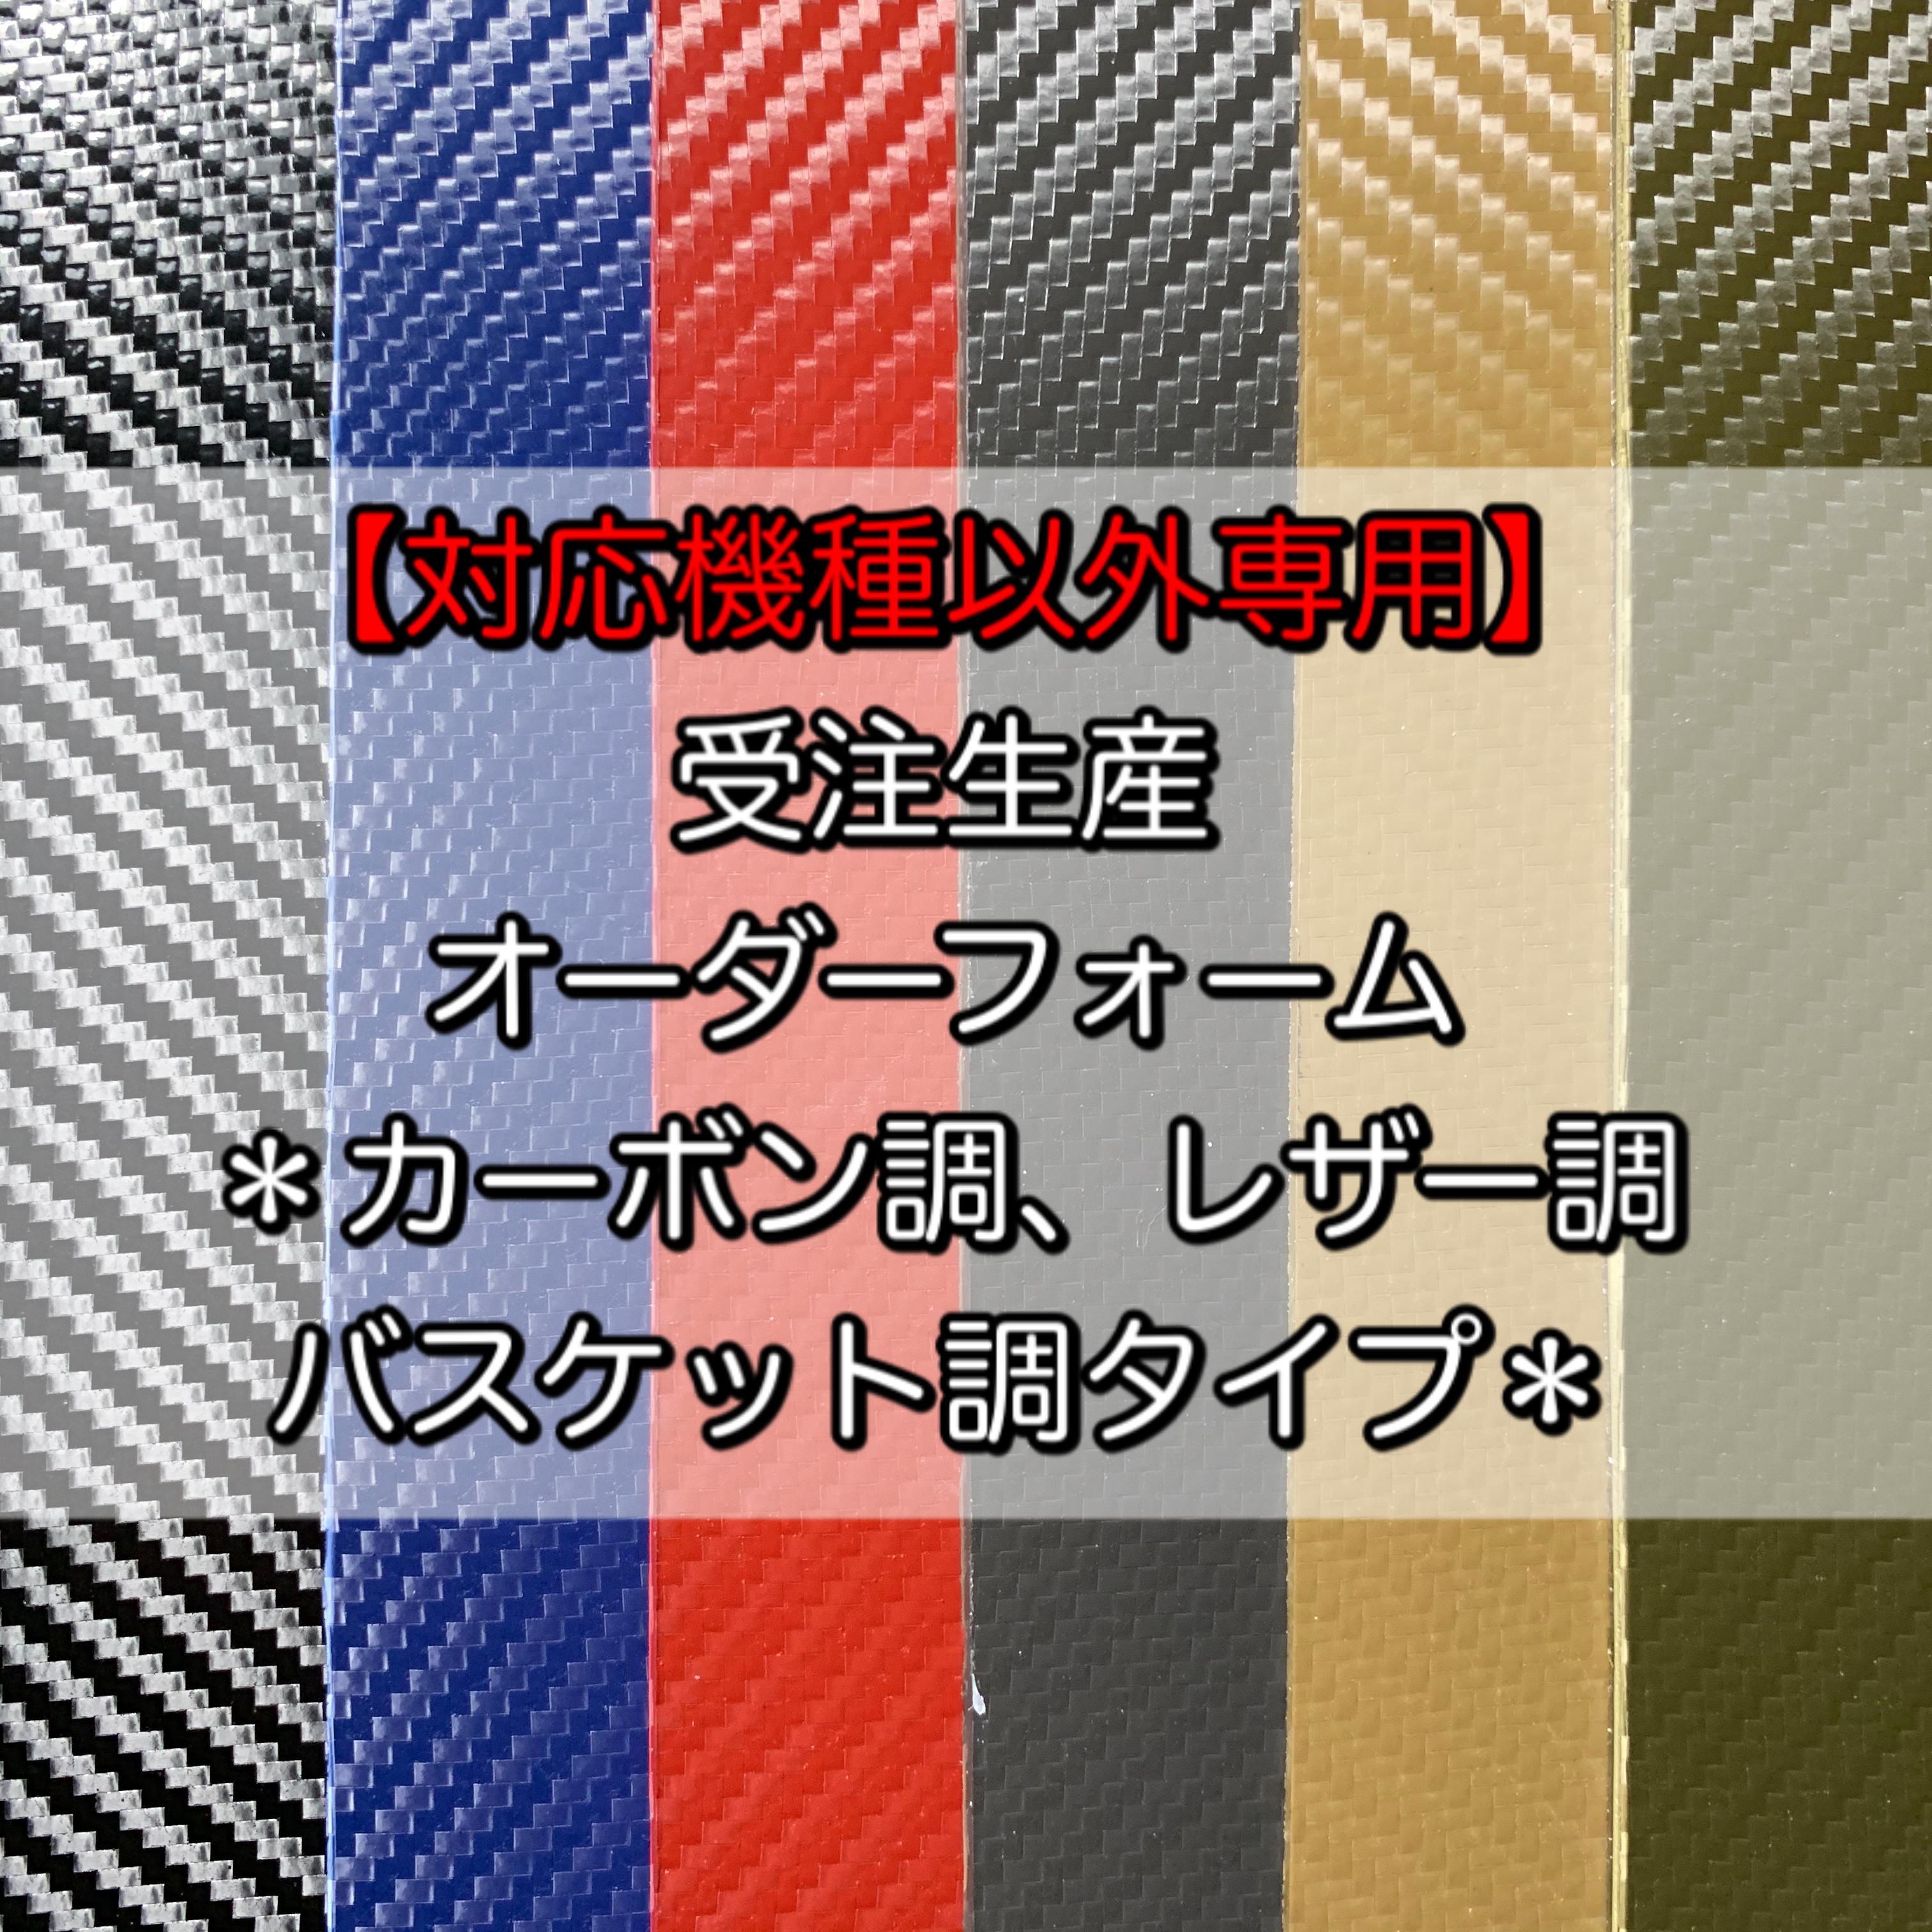 【非対応機種:受注生産用オーダーフォーム】カーボン調、レザー調、バスケット調タイプ